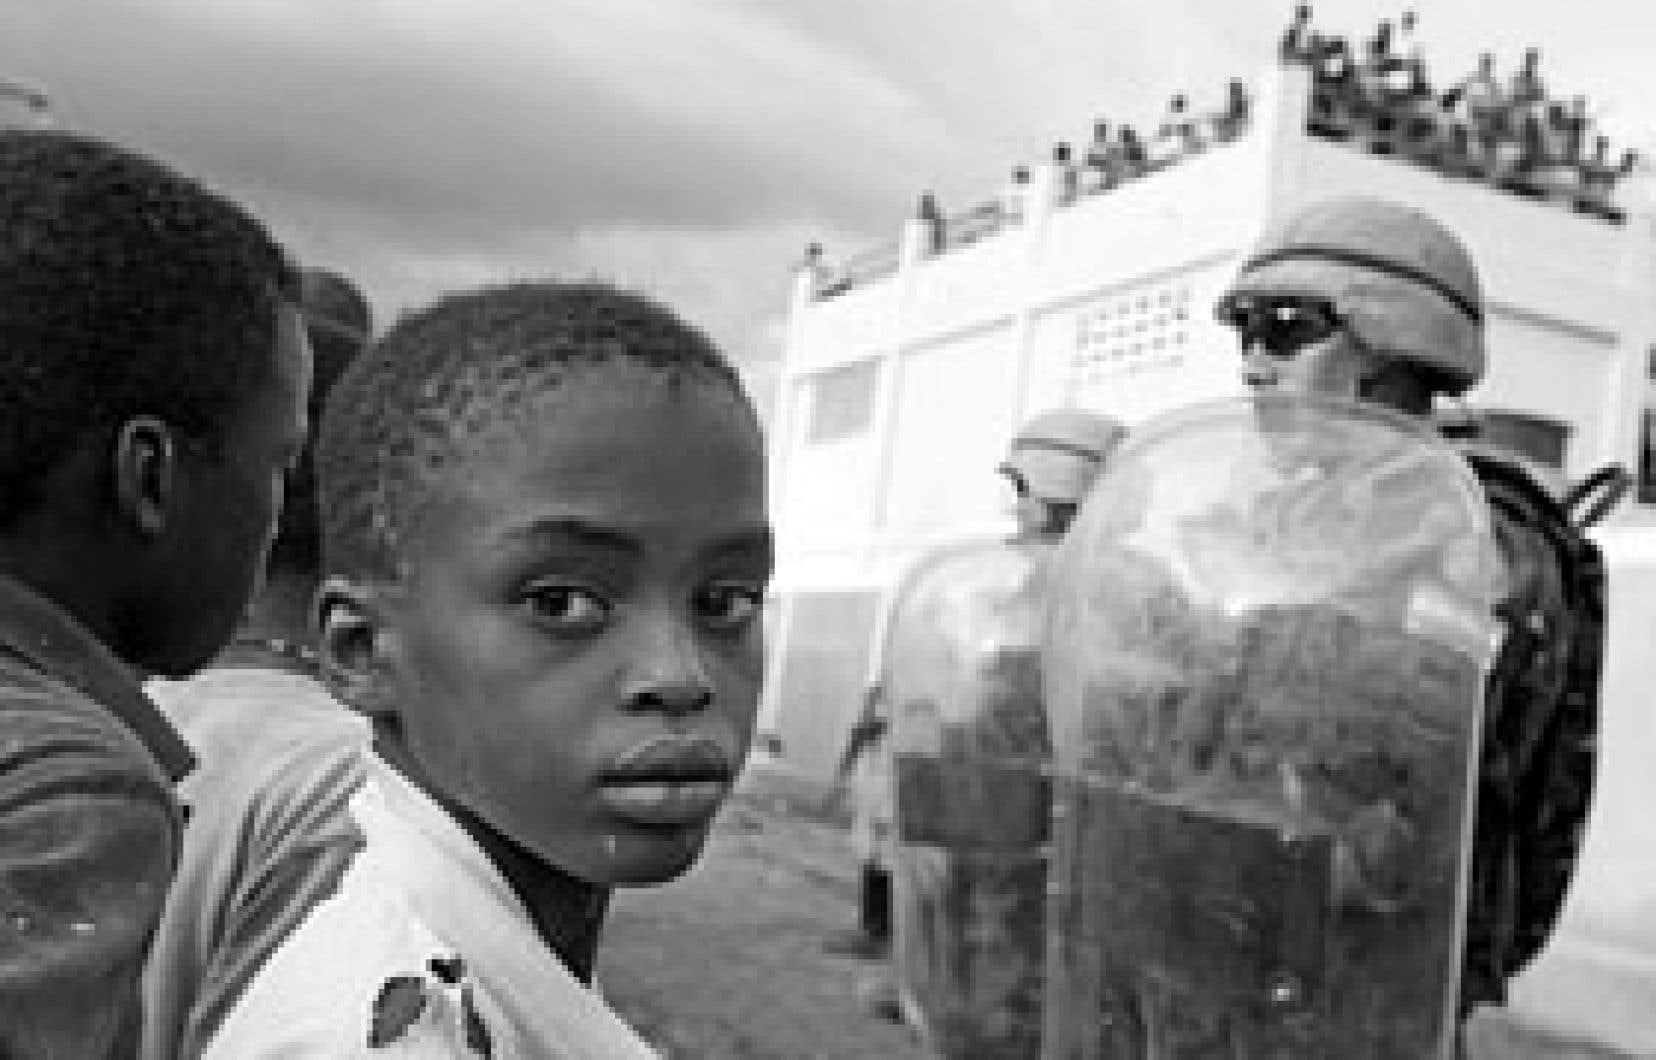 L'aide mondiale est arrivée massivement aux Gonaïves mardi et hier. Près de 400 tonnes ont été débarquées au port, dont 150 tonnes de nourriture.